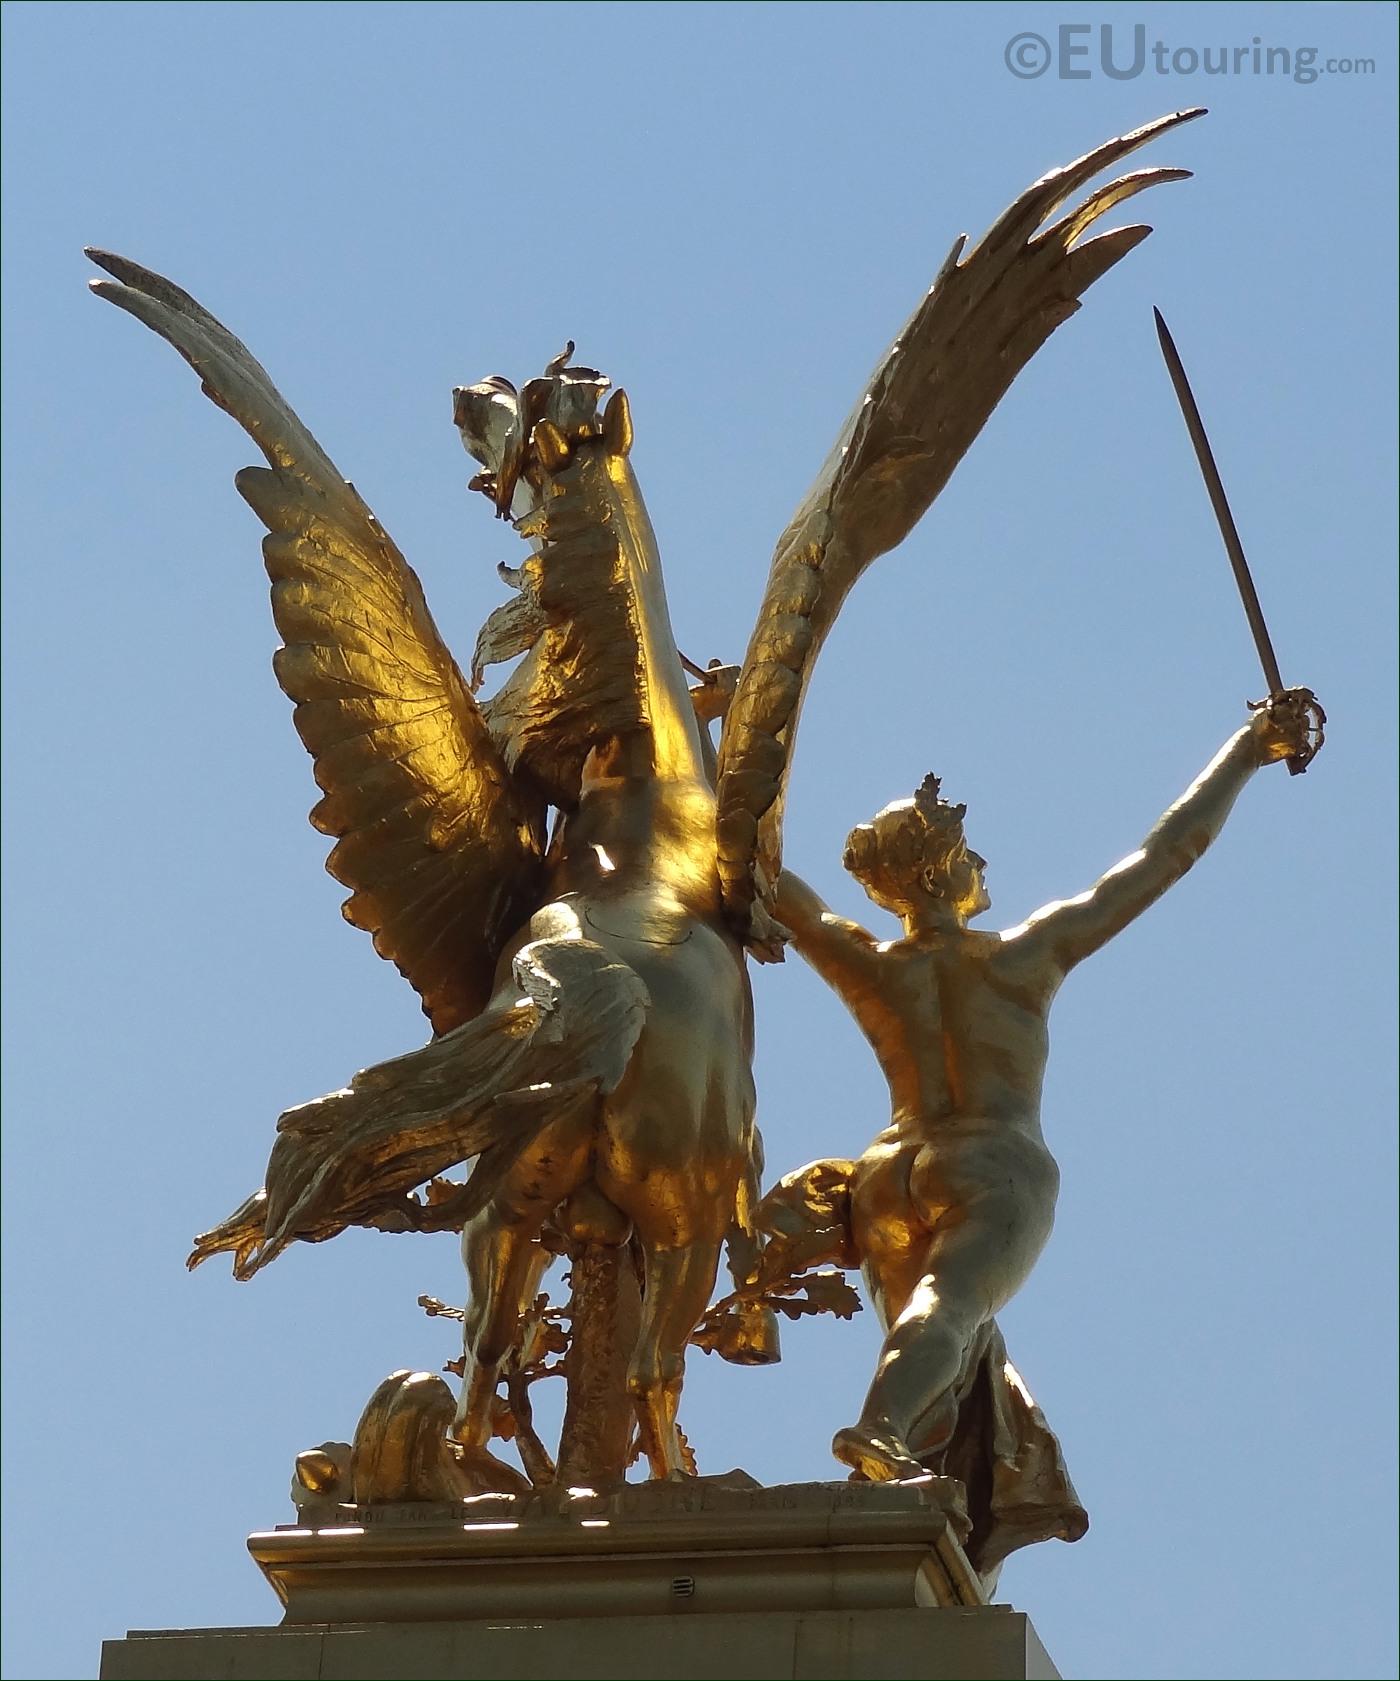 File:Golden statue on Pont Alexandre III 3.jpg - Wikimedia